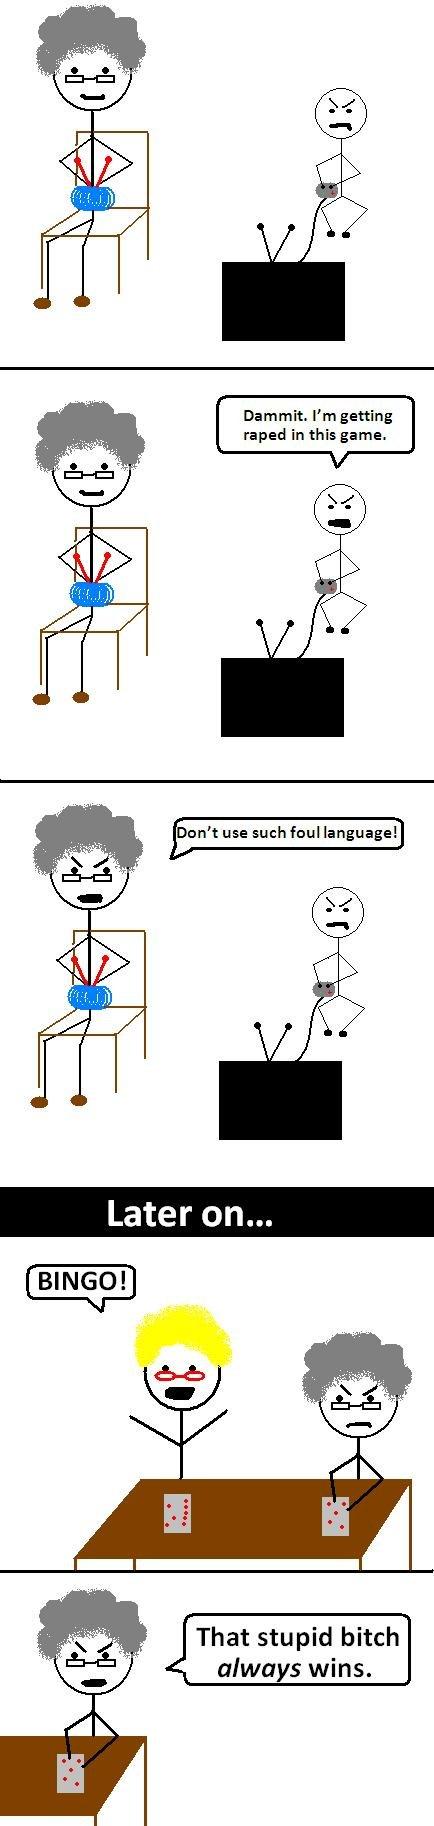 Grandma Knows Best. OC. Grandmas aren't always so innocent. > haha. Dammit. I' m getting grandma swears